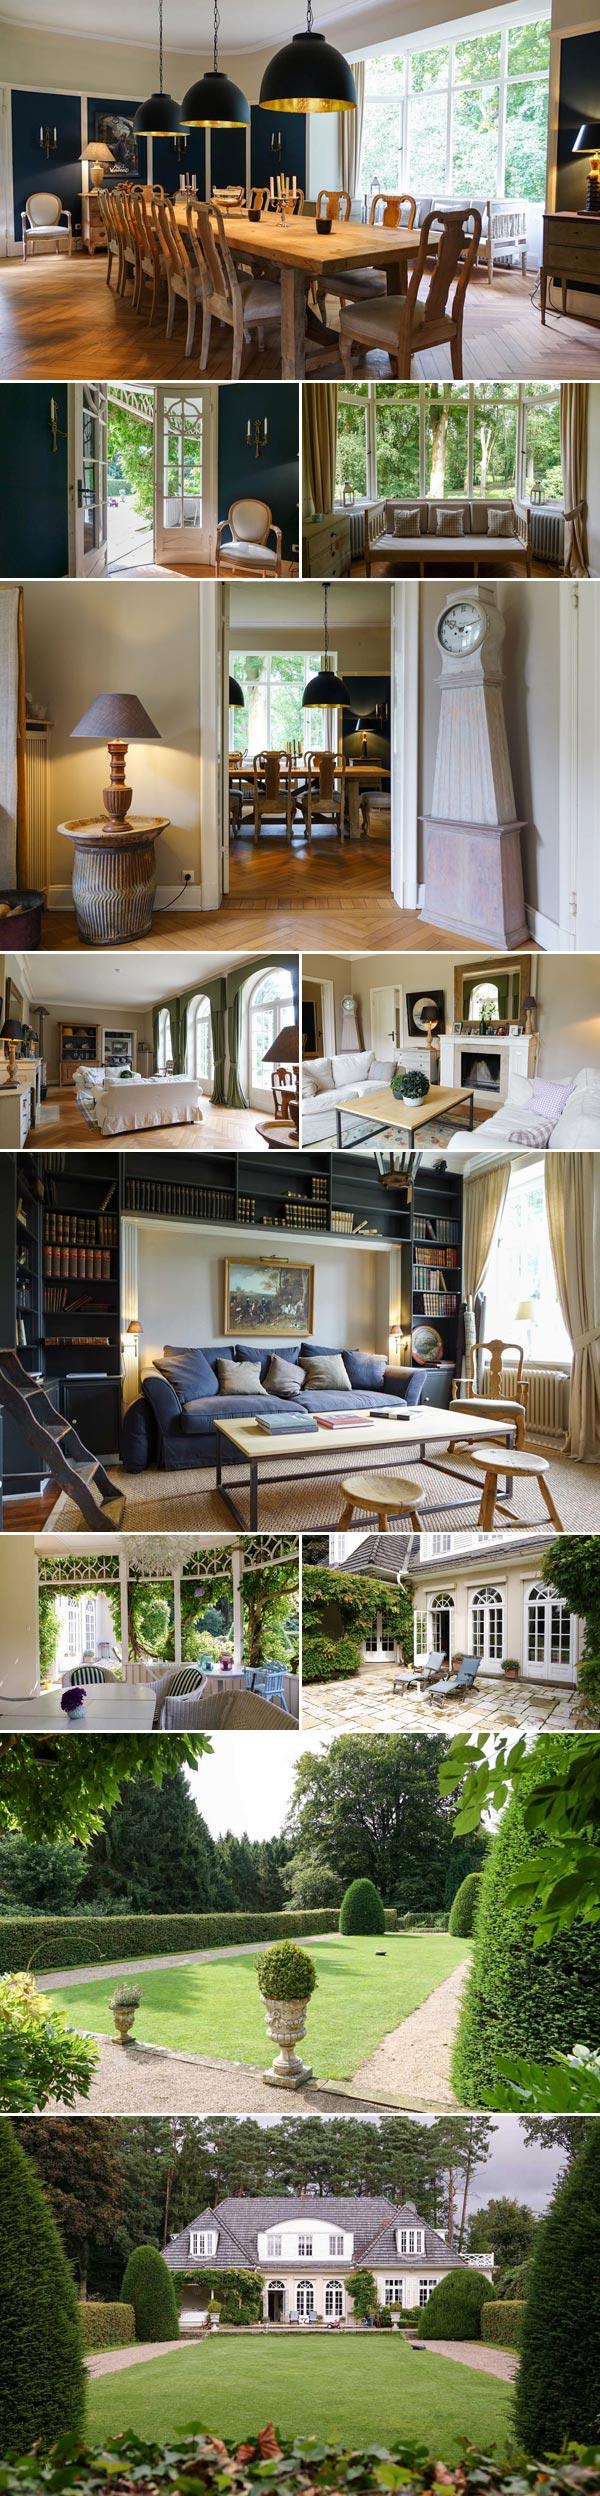 Chaletartige Villa bei Hamburg 2562